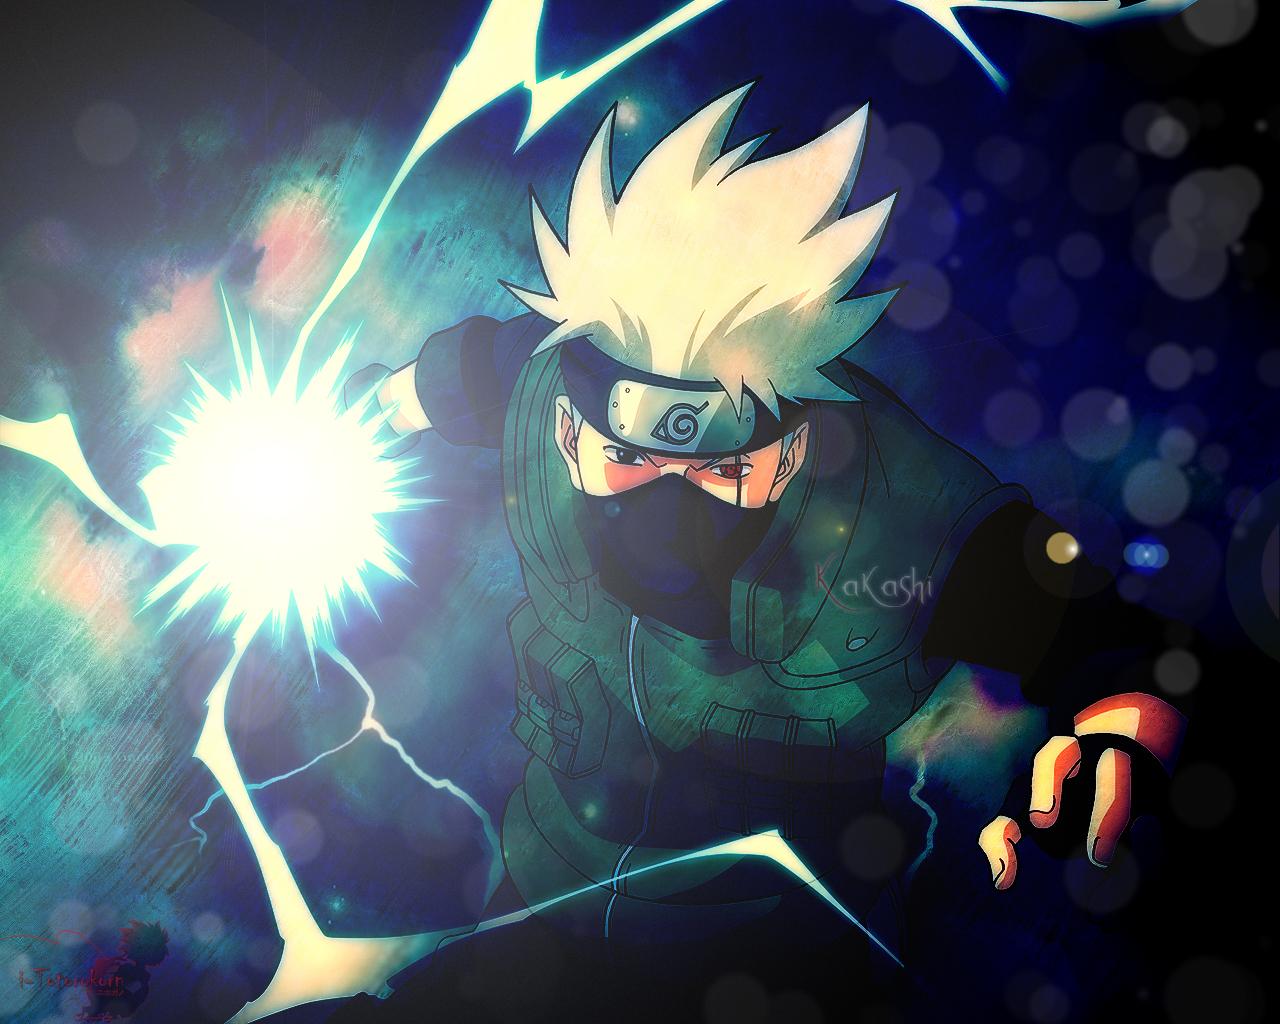 Muitos fs do anime acham Kakashi Hatake o mais forte Com seu 1280x1024